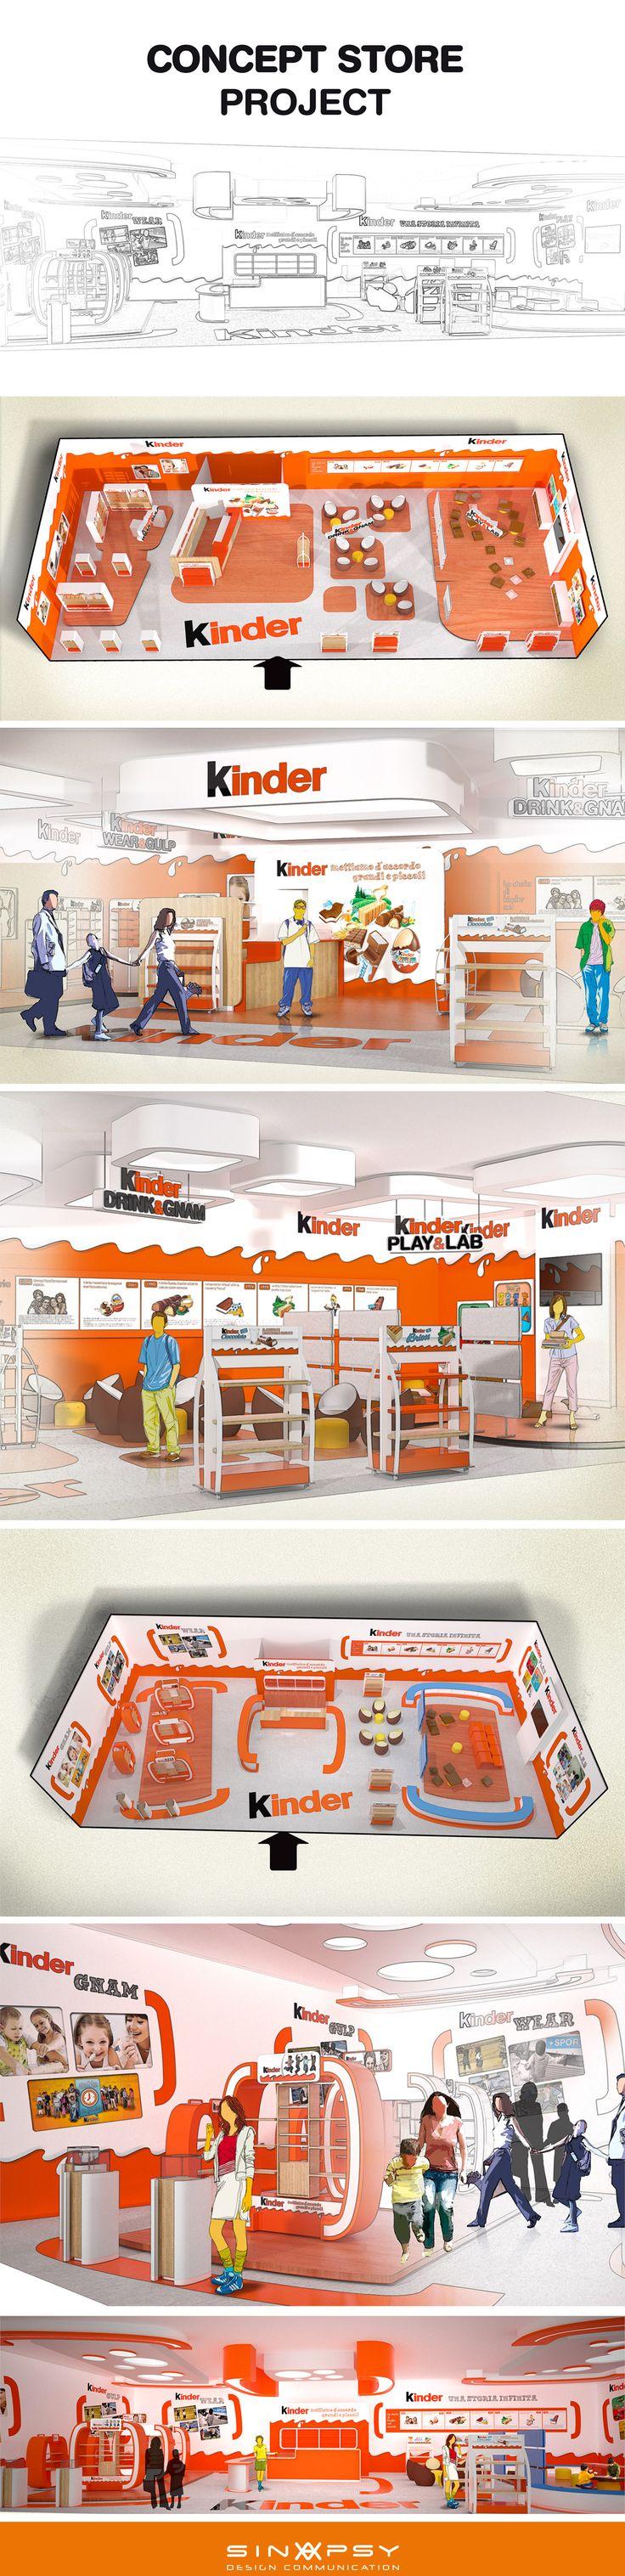 Kinder Concept Store